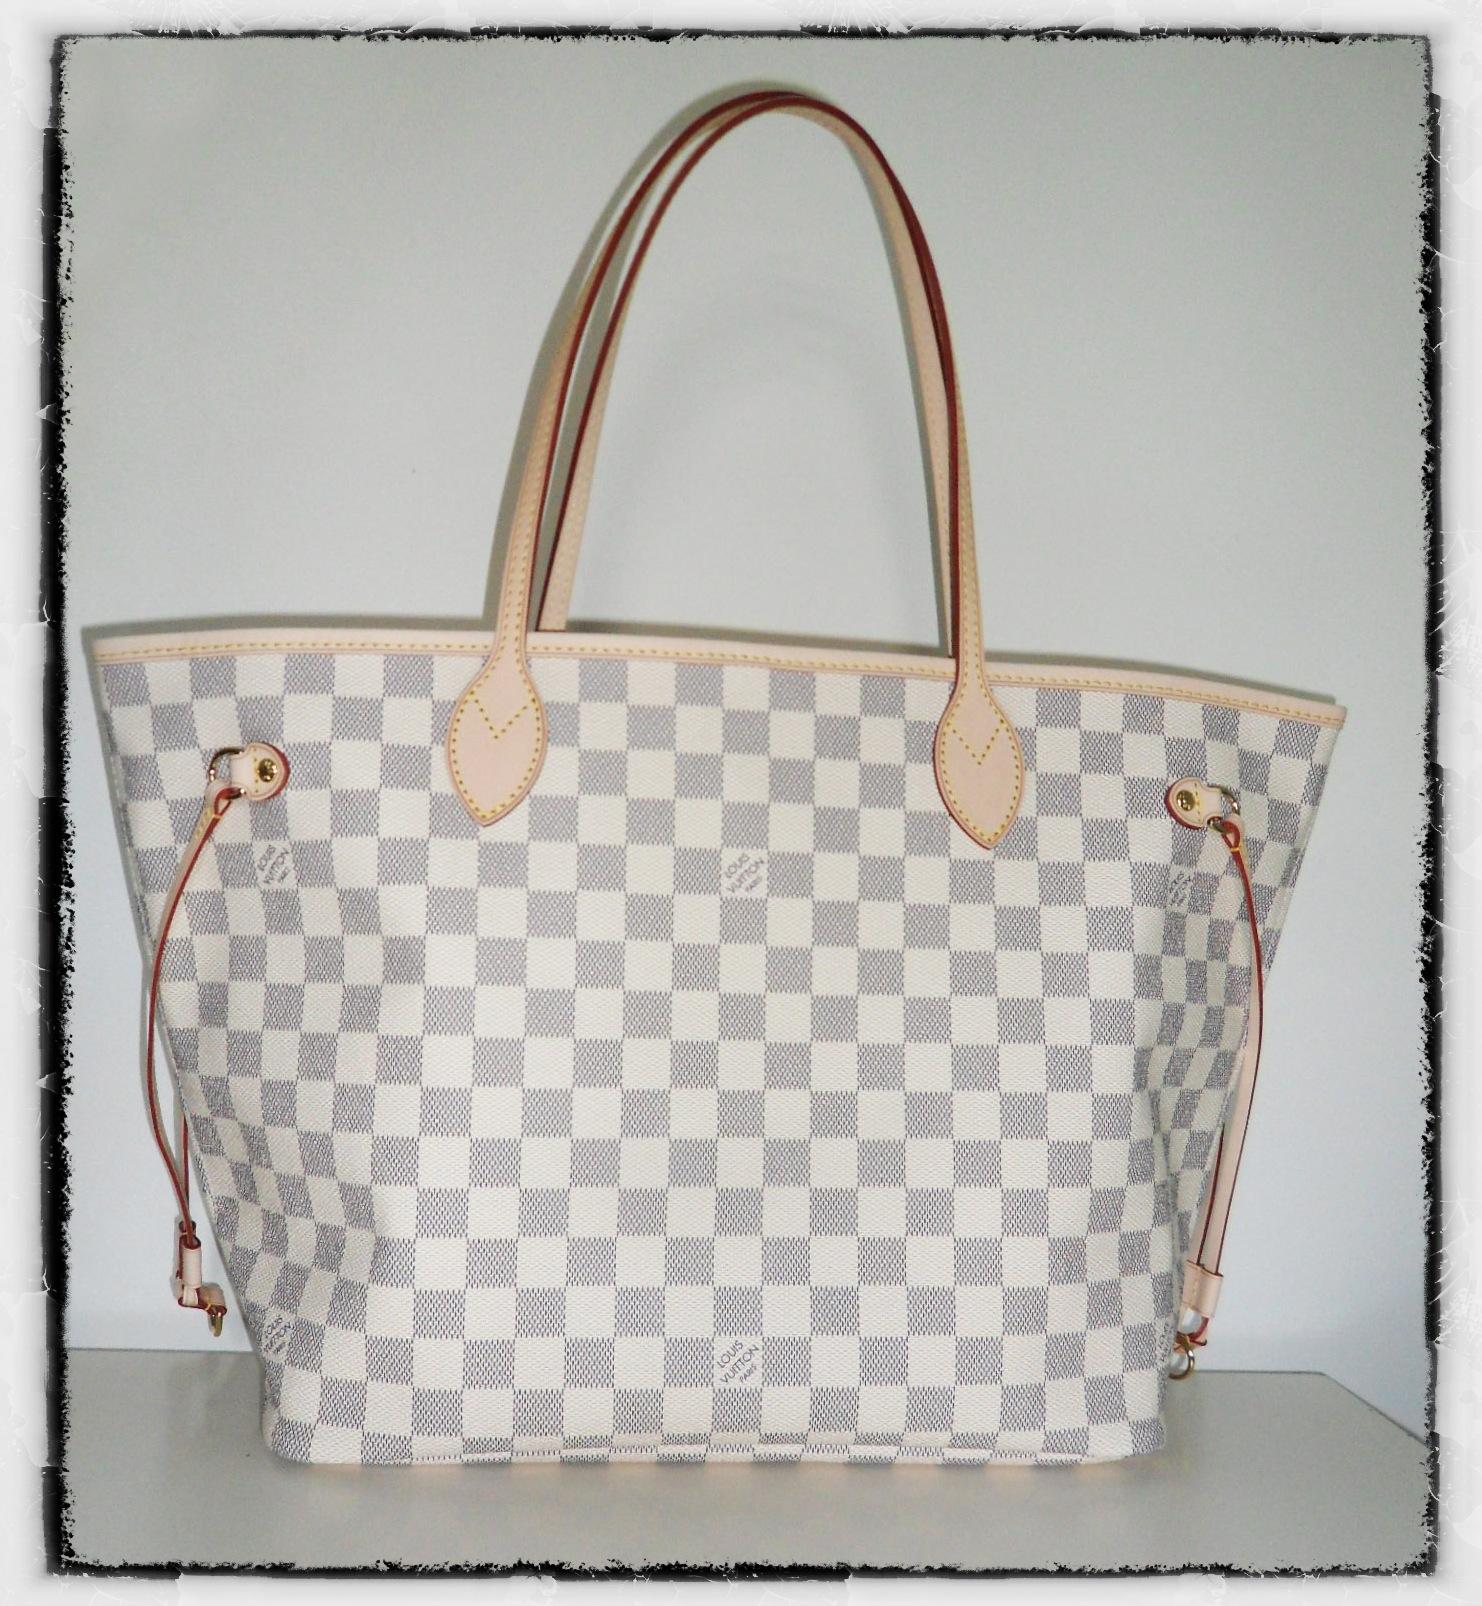 25789656cab Mon nouveau copain sac   le Neverfull Damier Azur de Louis Vuitton - Dans  Mon Sac de Fille